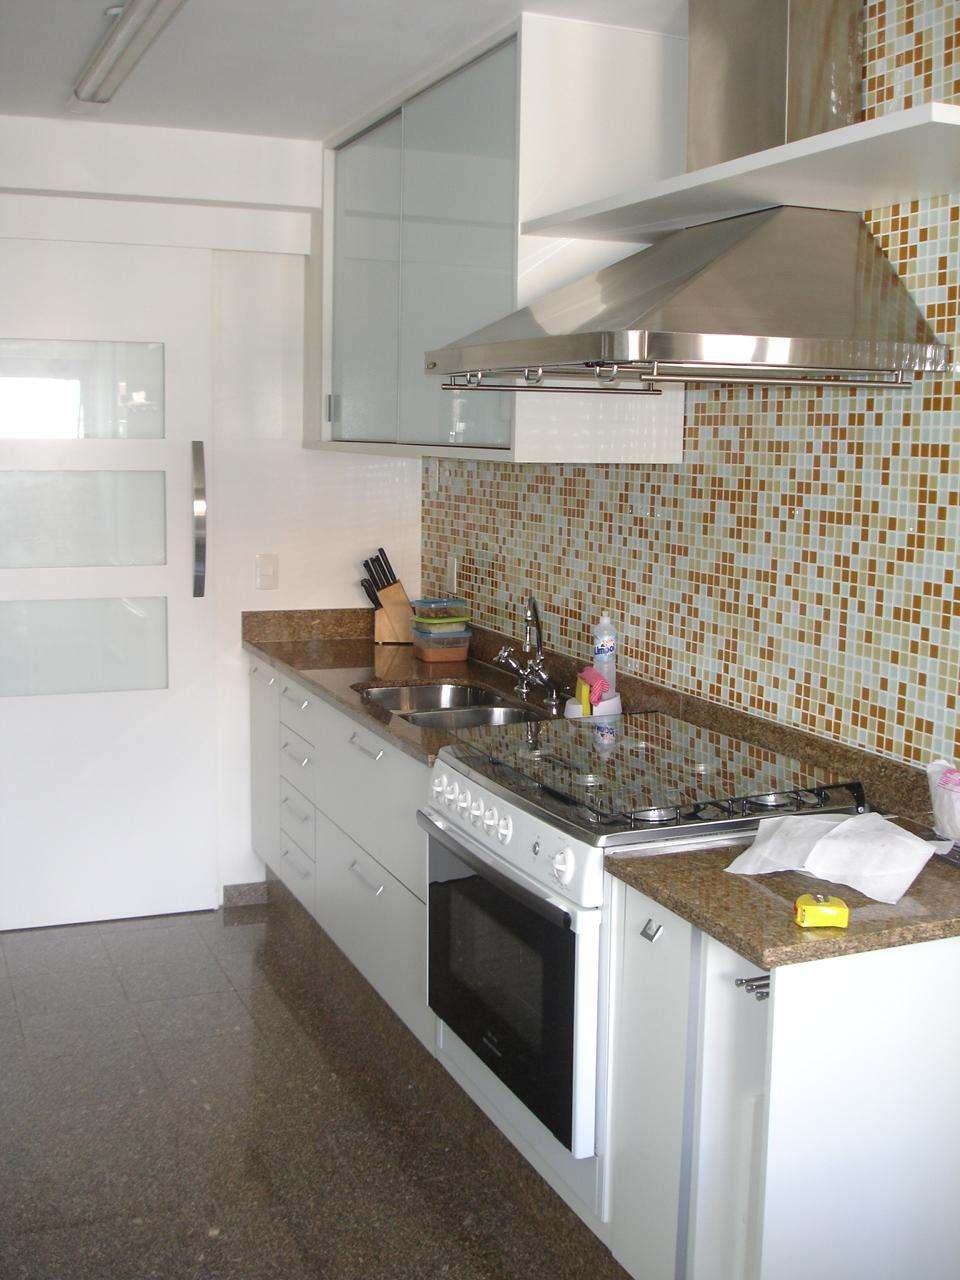 Fotos Cozinha Decorada Com Pastilhas Beyato Com V Rios  ~ Cozinha Decorada Com Pastilhas